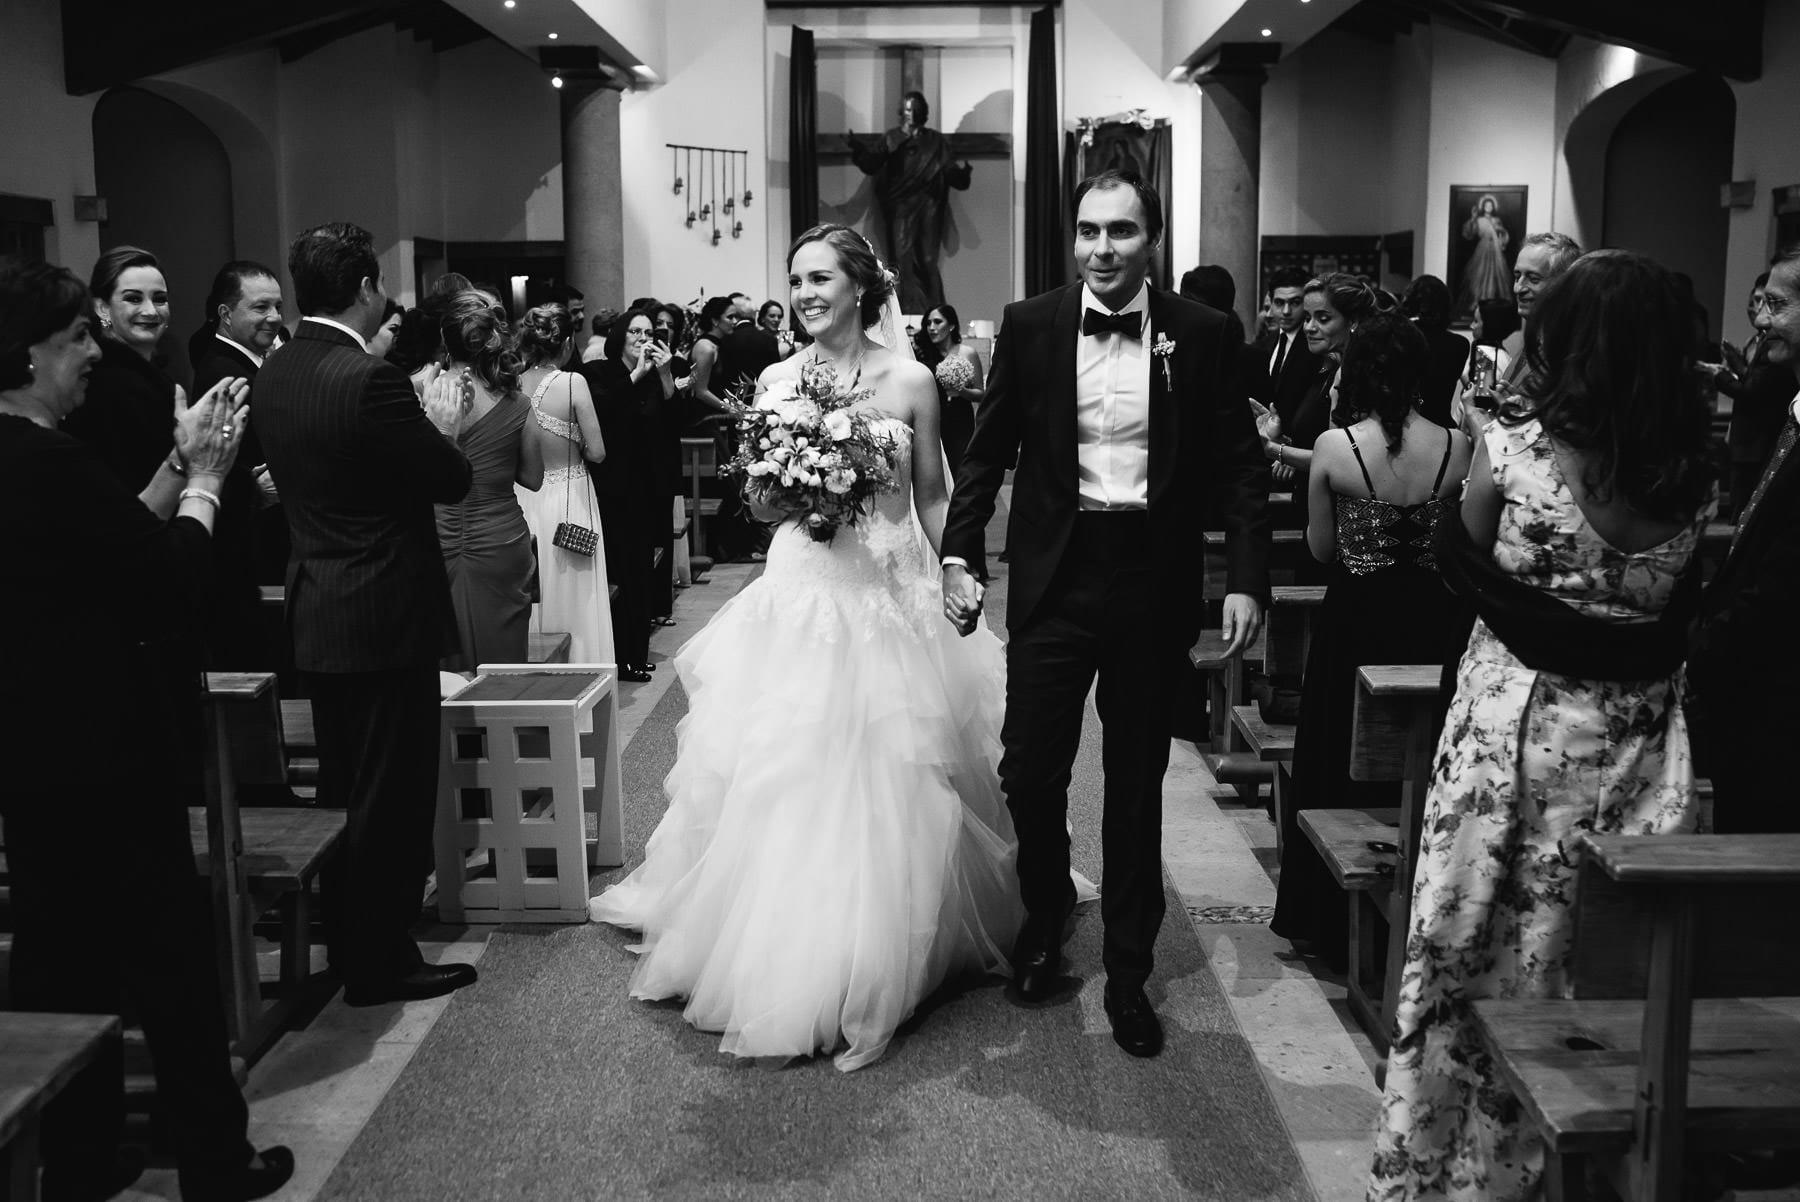 fotografo-de-bodas-en-queretaro-44